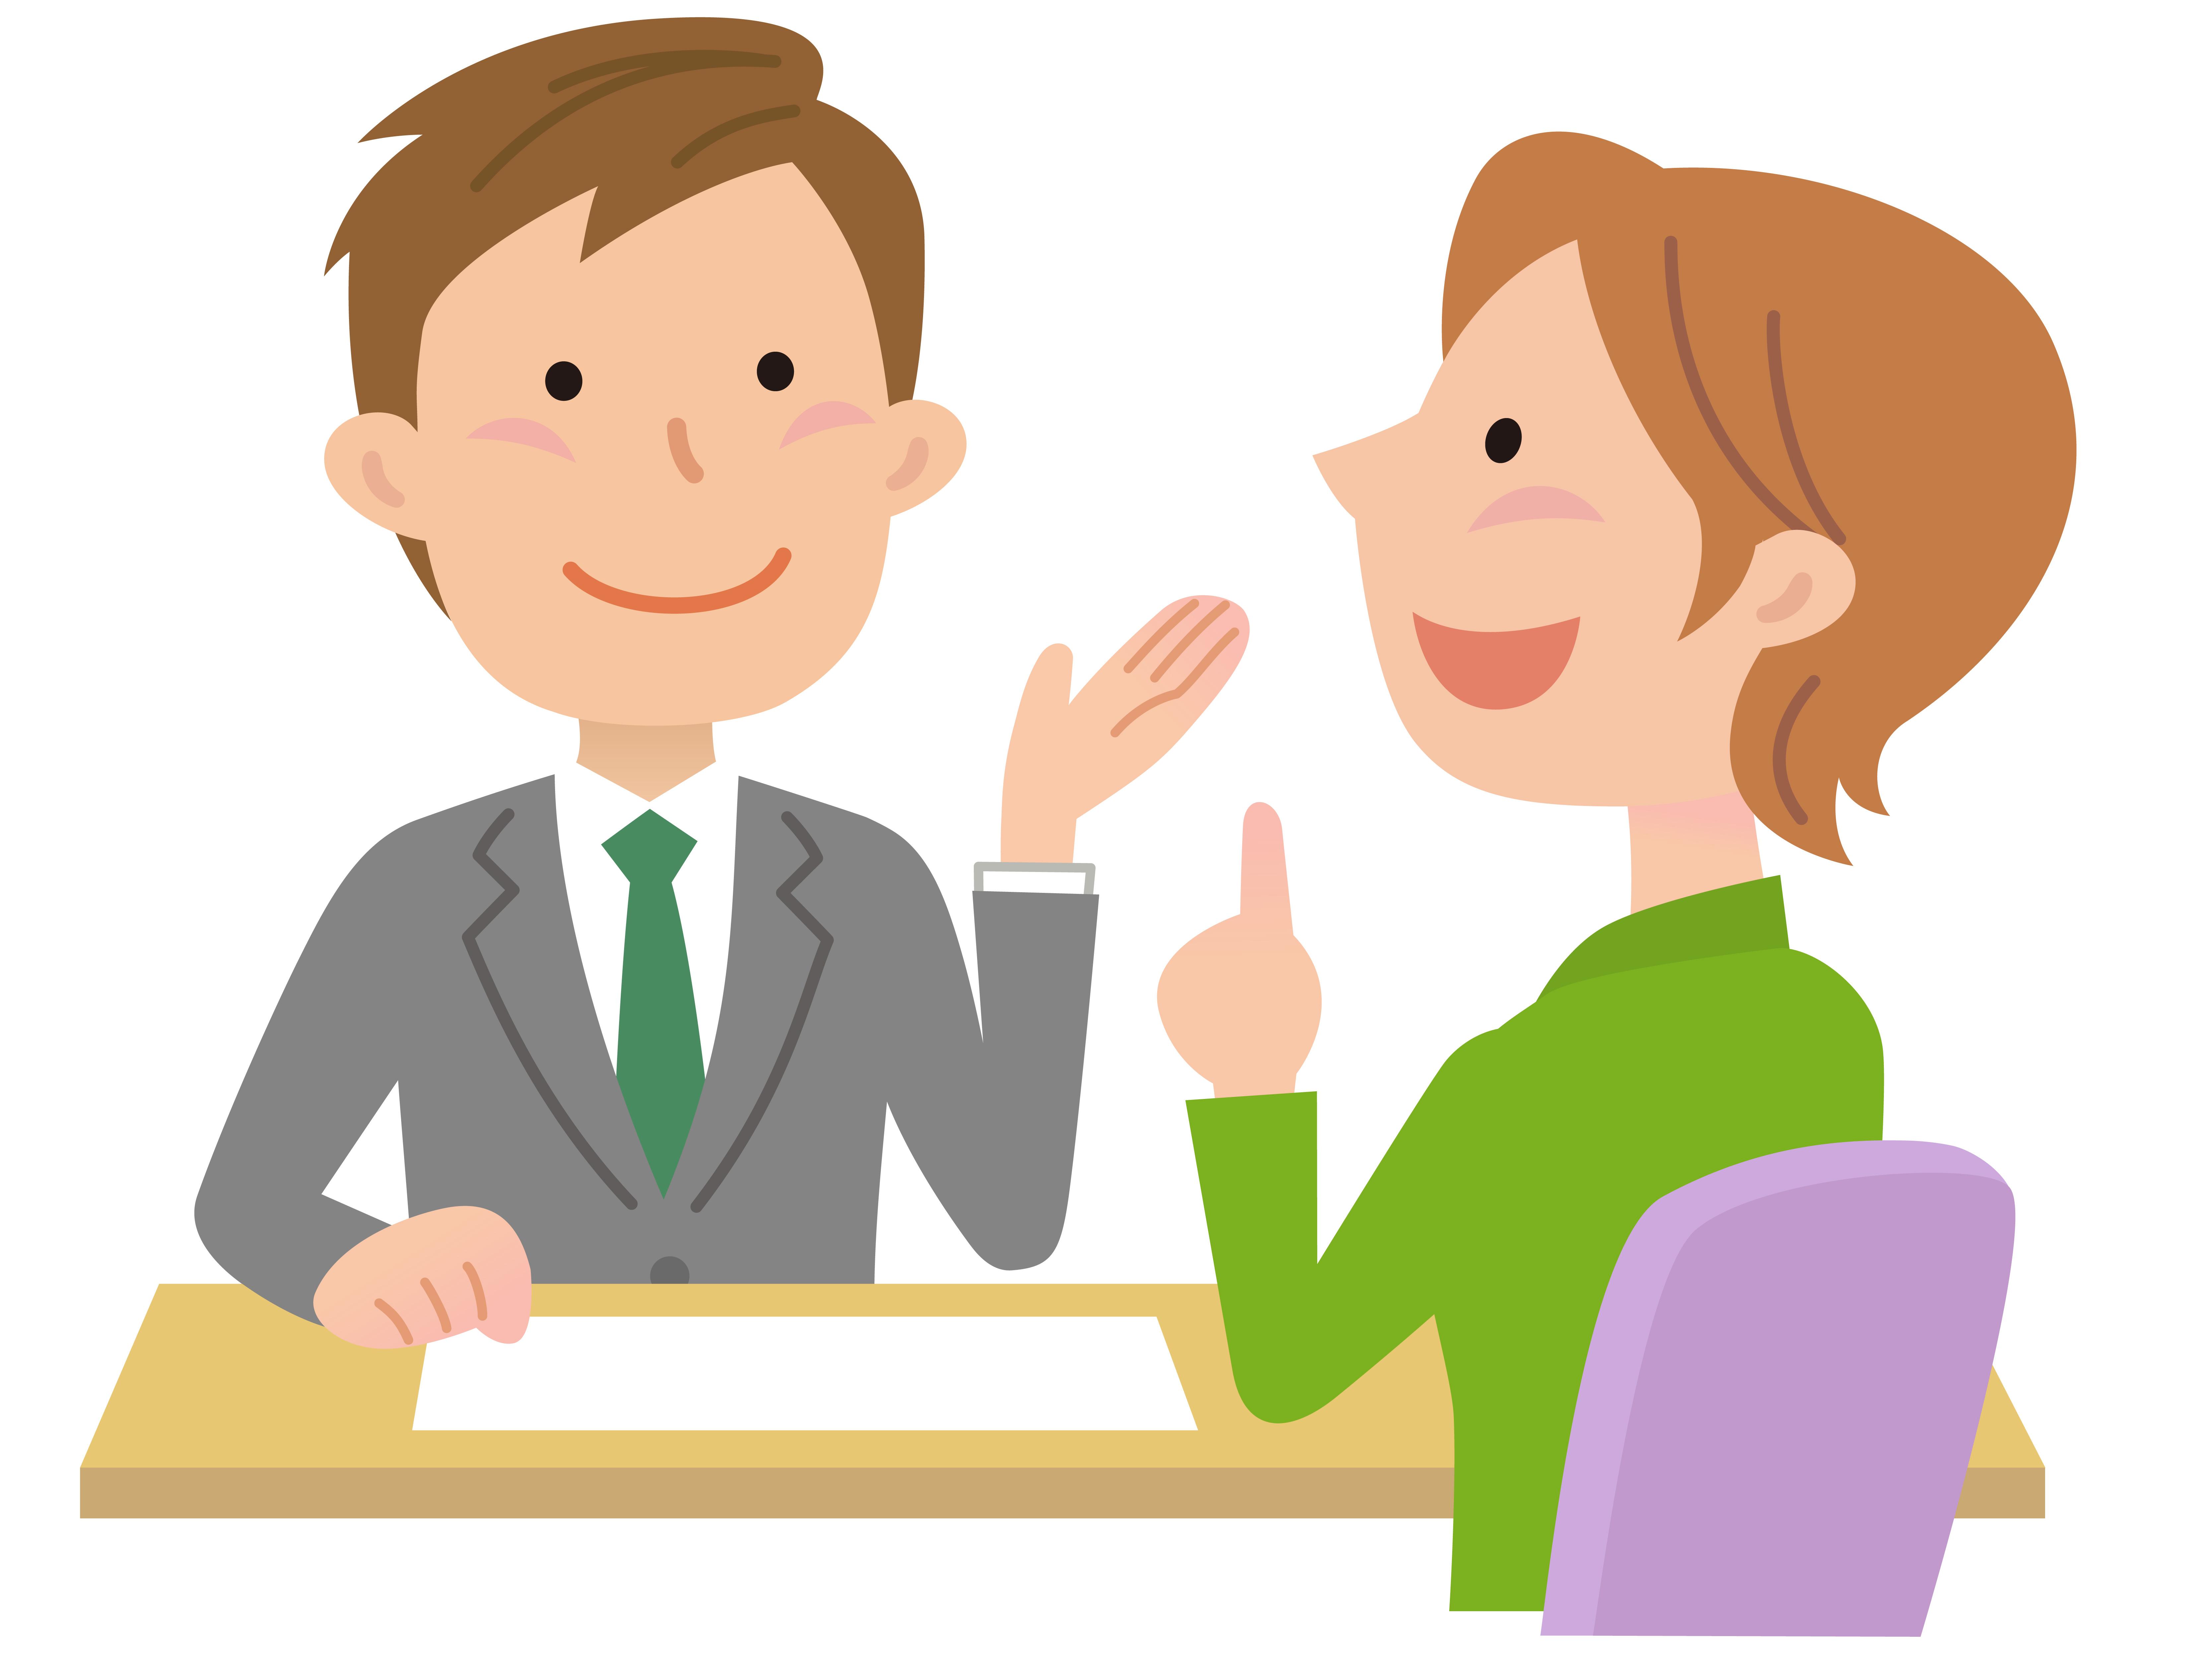 会話」と「対話」と違いは? | 3倍の利益を生み出すチームをつくる方法